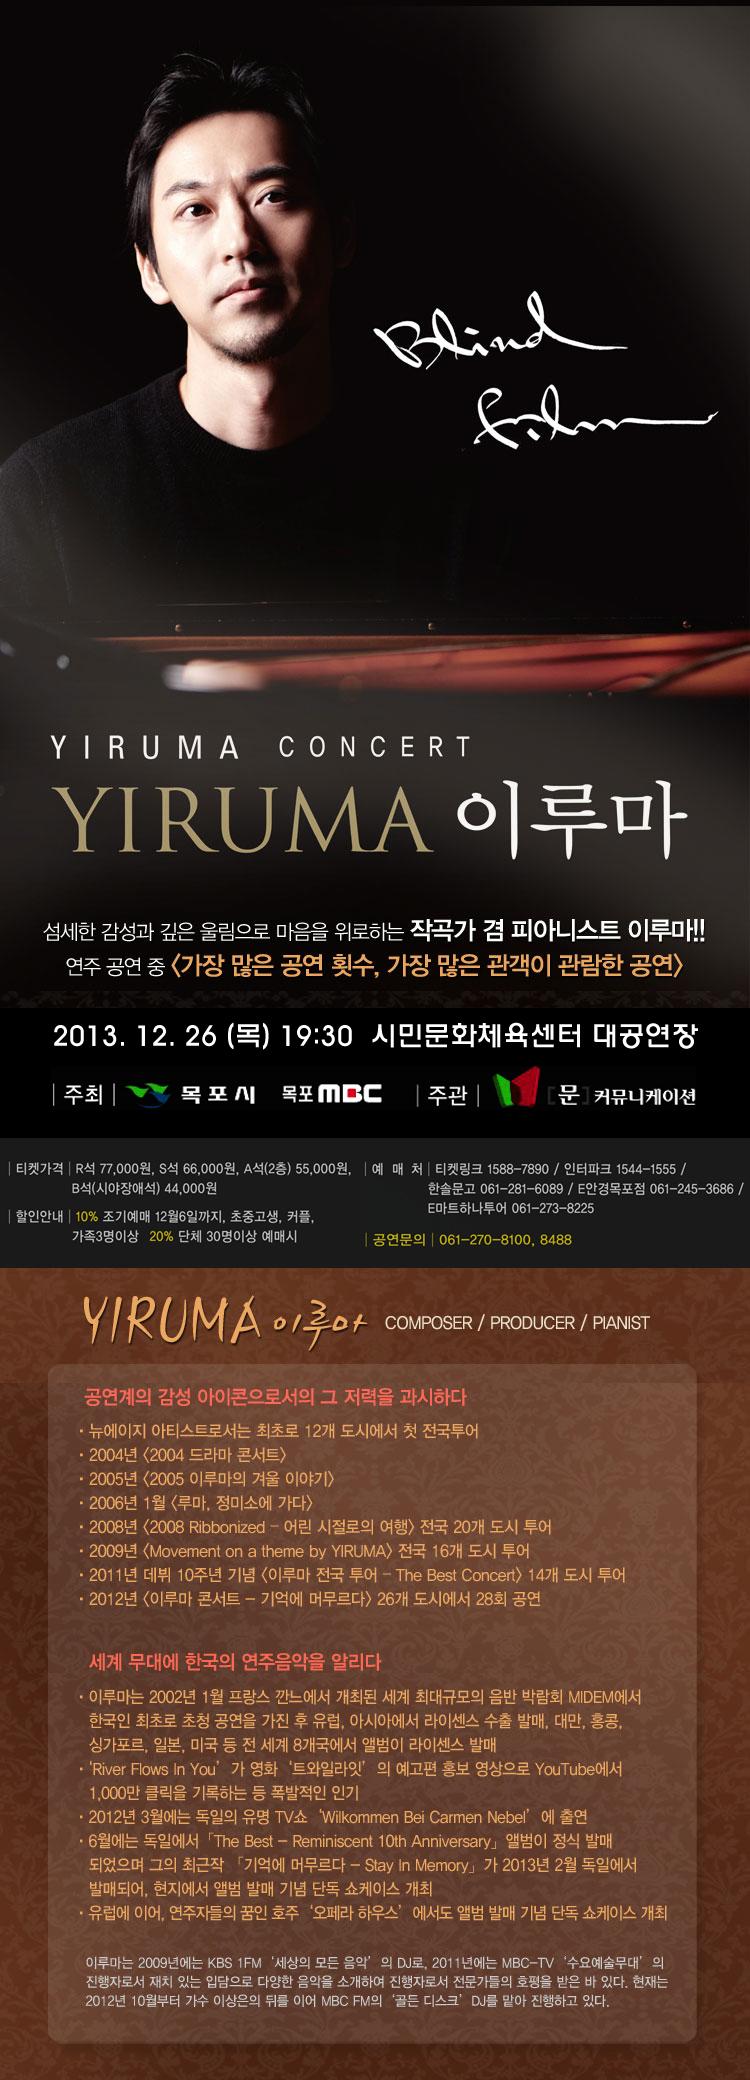 이루마 콘서트 행사정보